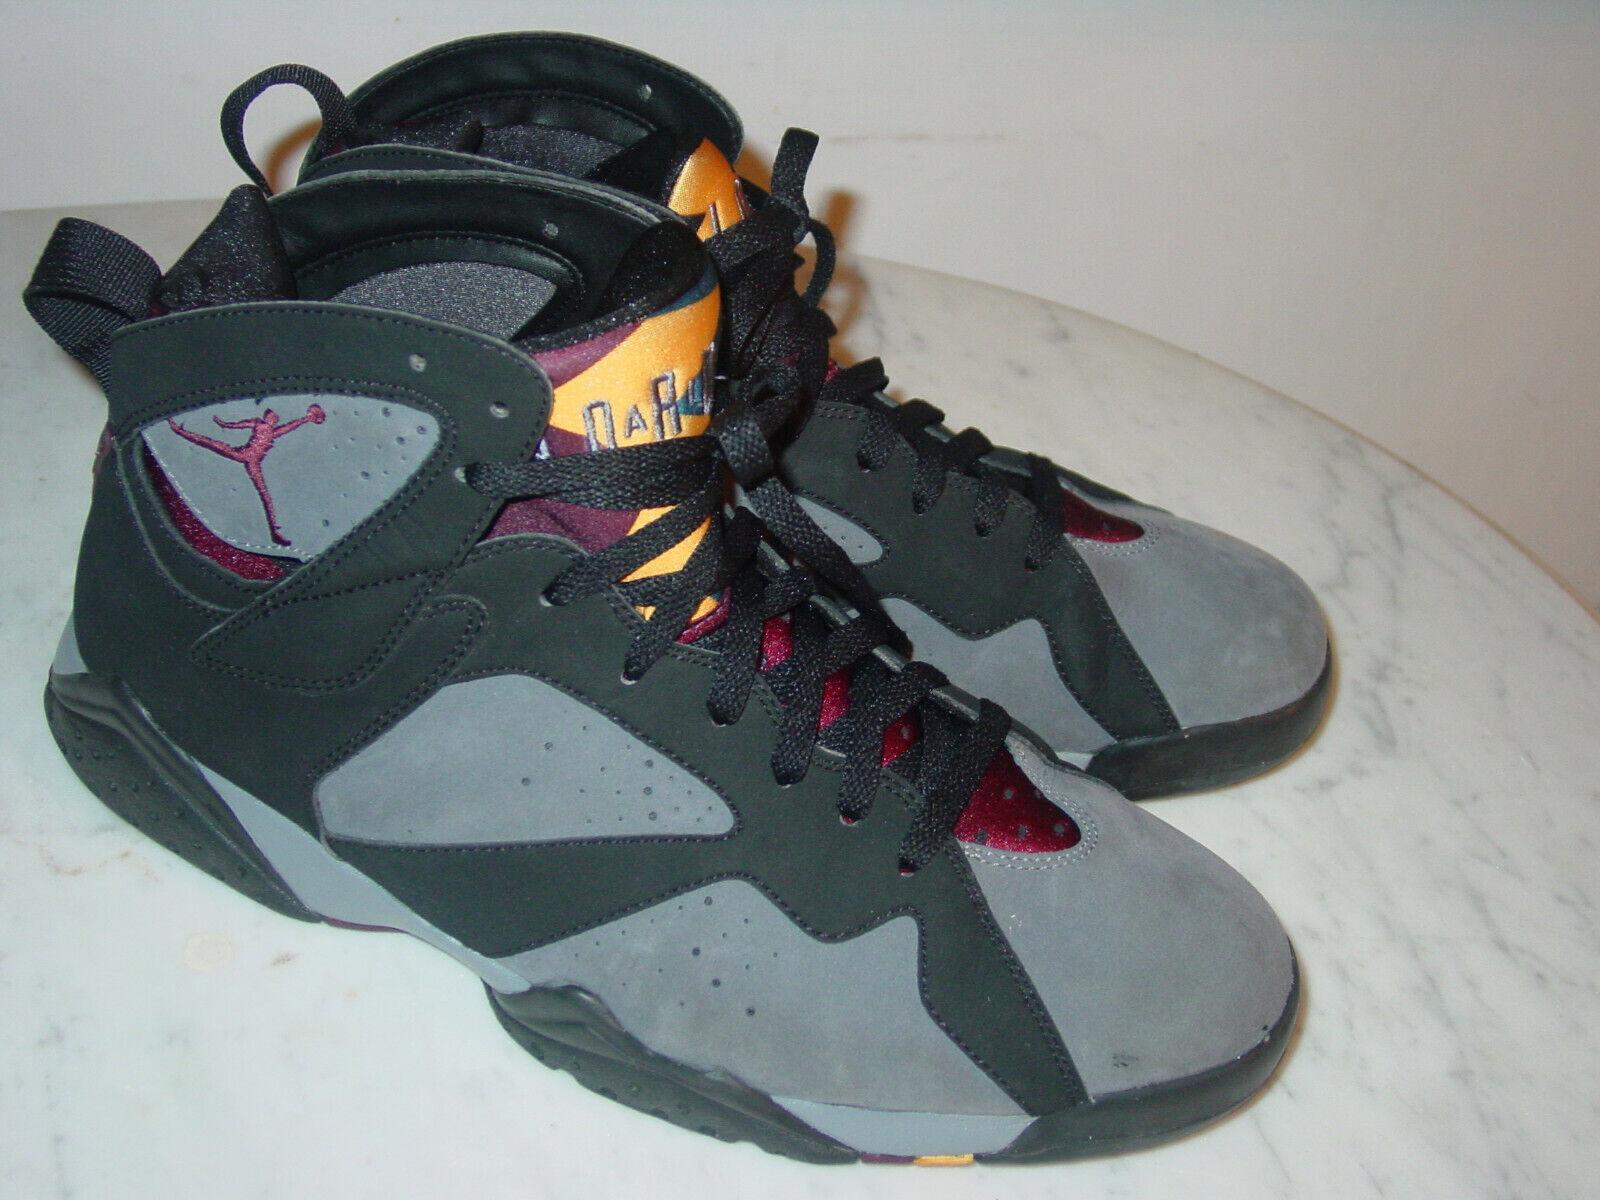 2010 Nike Air Jordan Retro 7  Bordeaux 2011 Release  Black shoes  Size 12.5